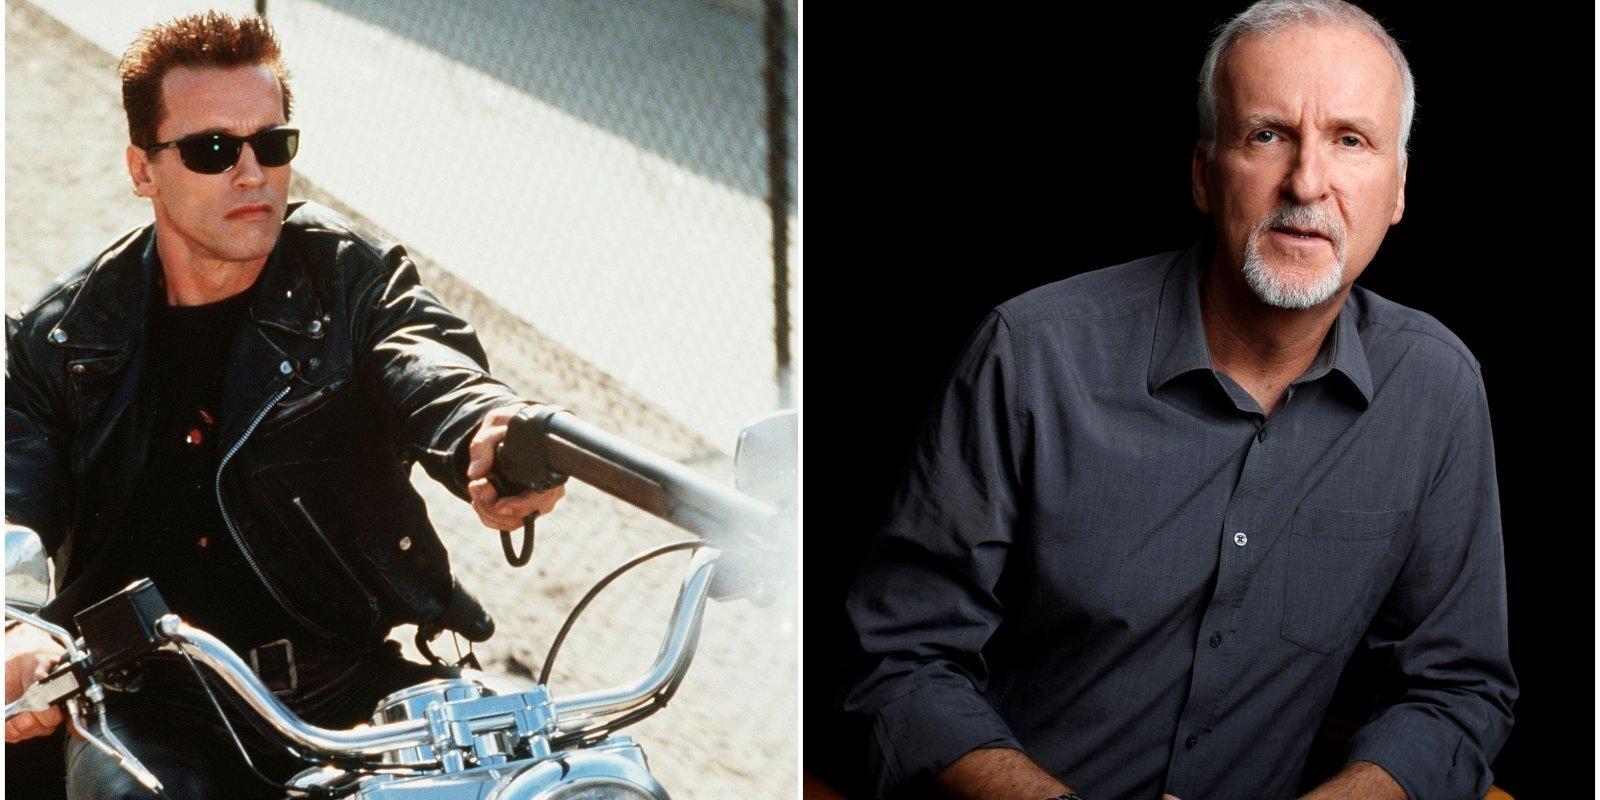 Narkotisko vielu ietekmē: kā pirms 30 gadiem tapa 'Terminators 2' scenārijs